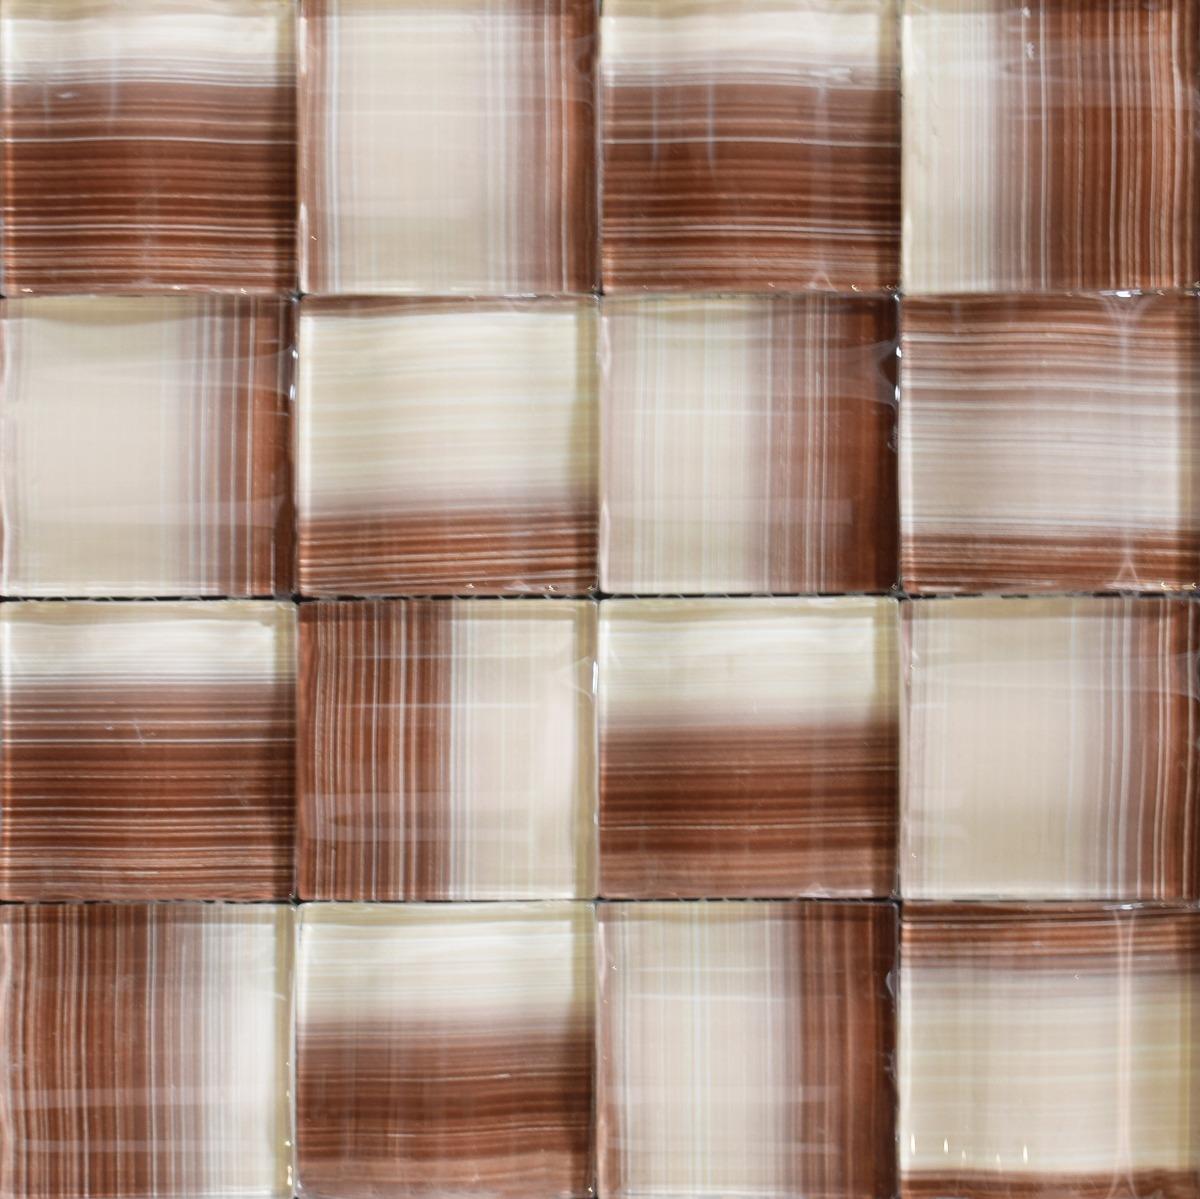 Magnífico La Instalación De Baldosas De Vidrio Mosaico Pared ...